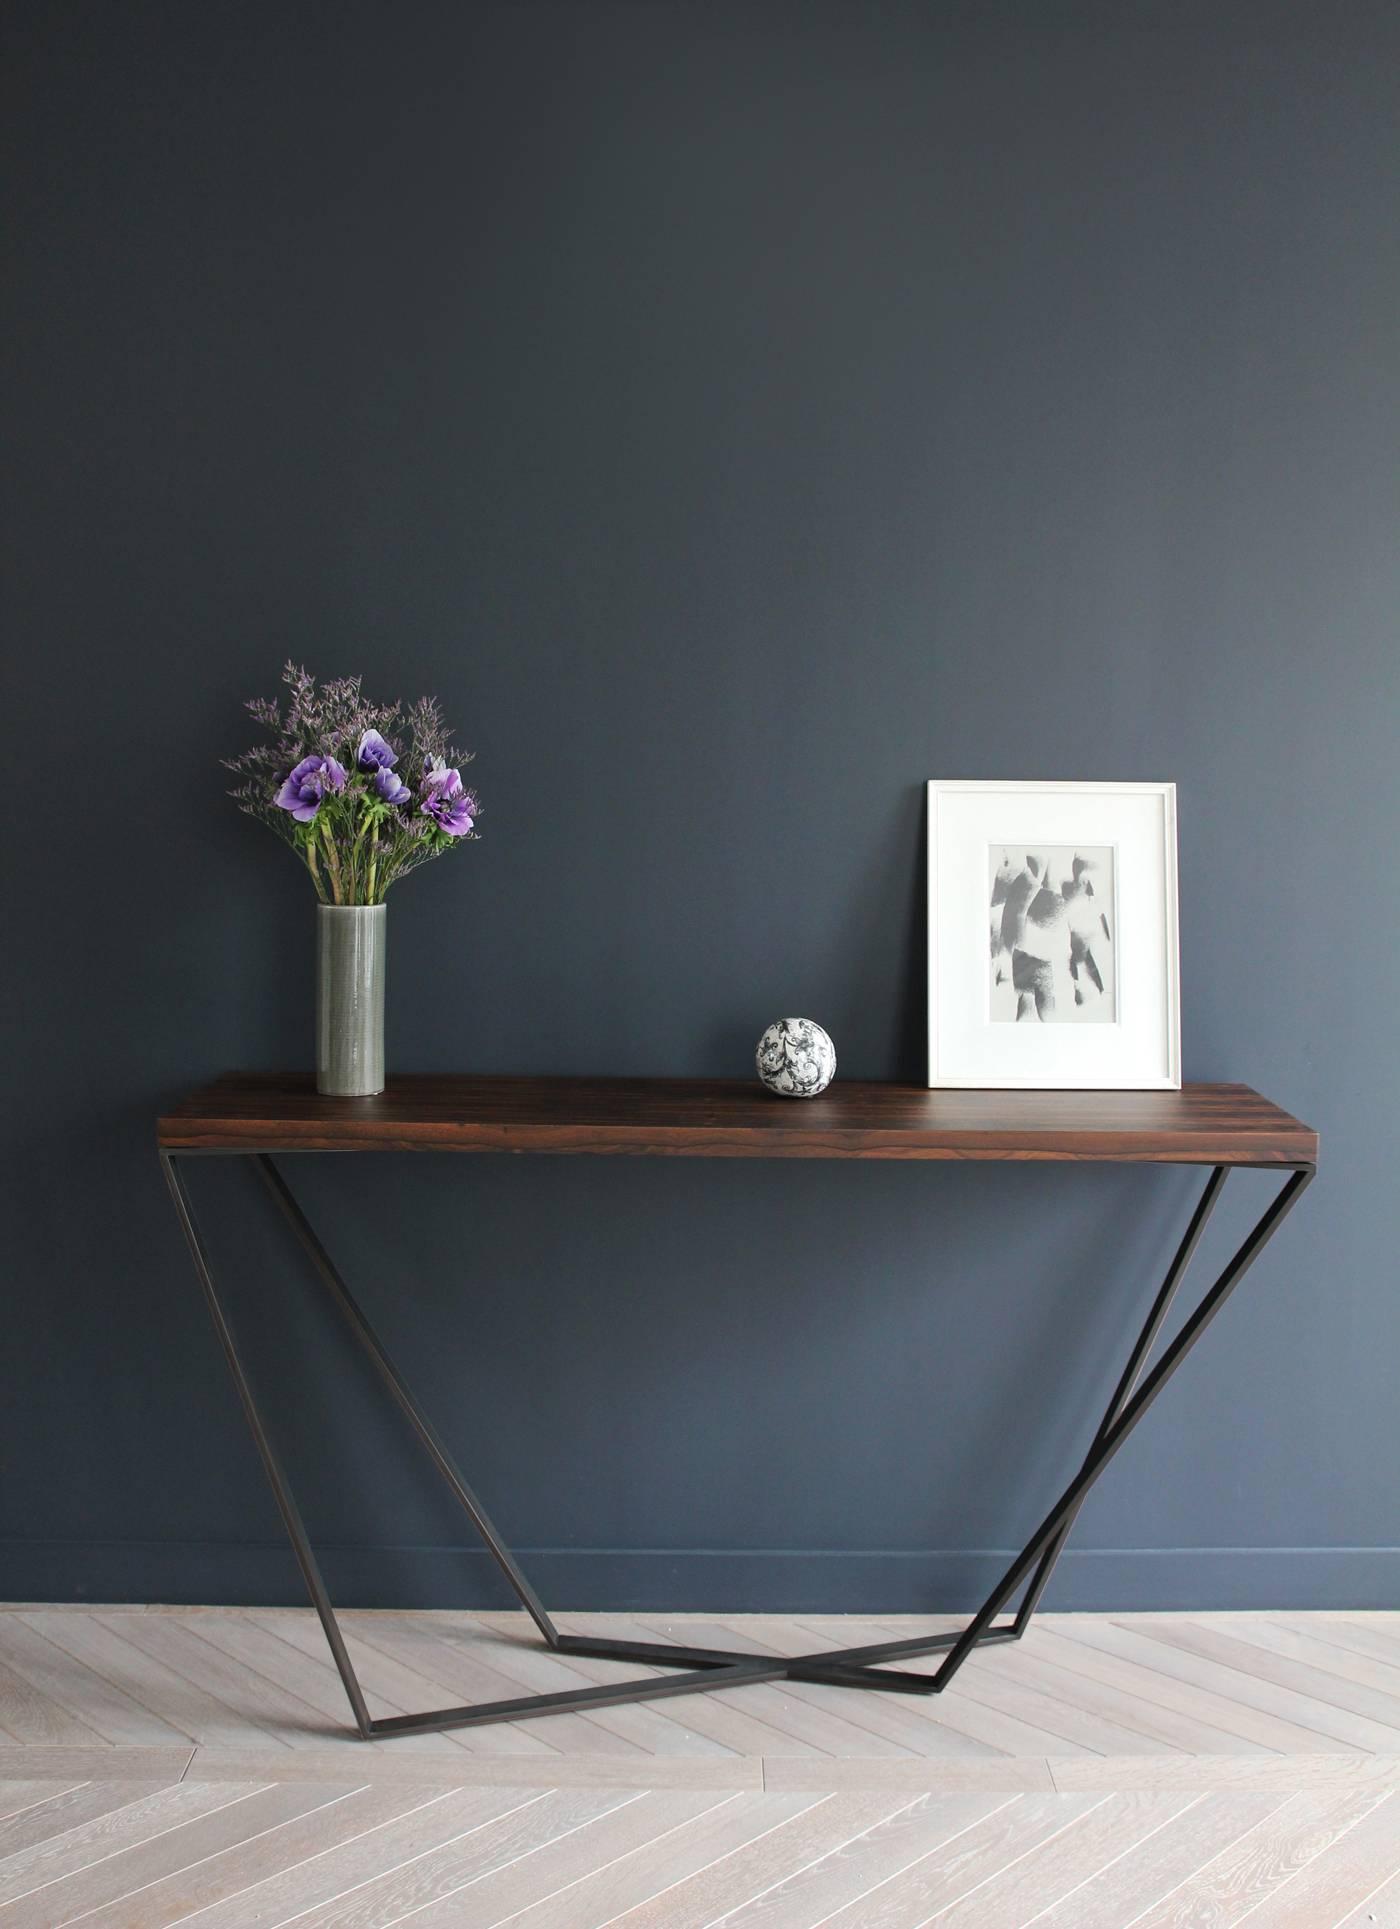 Belnette les belles mati res id es d co meubles et - Deco table printempsidees belles et rafraichissantes ...